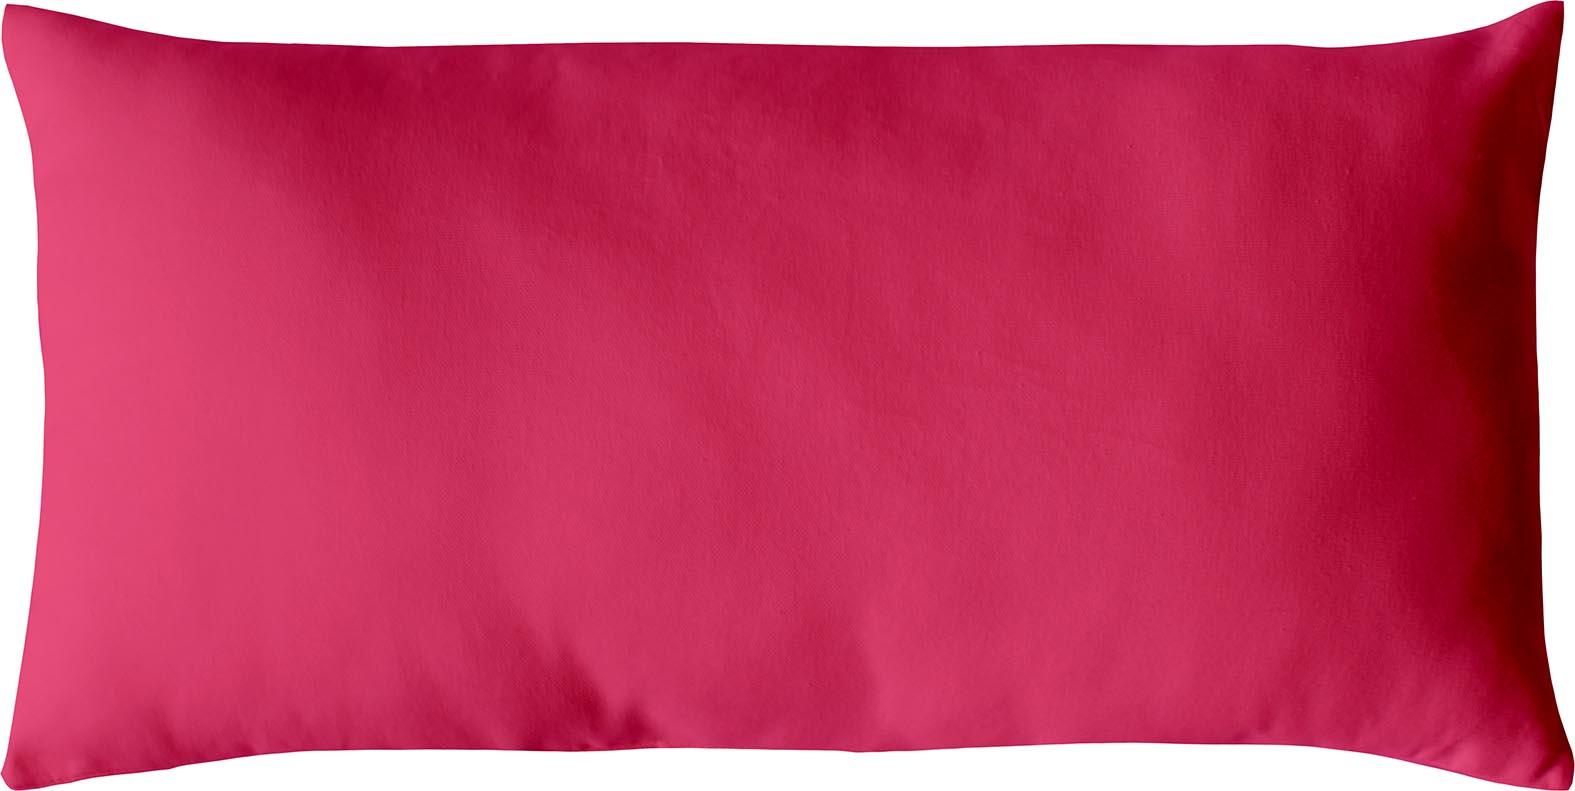 Coussin non déhoussable en coton uni  (Fuchsia)